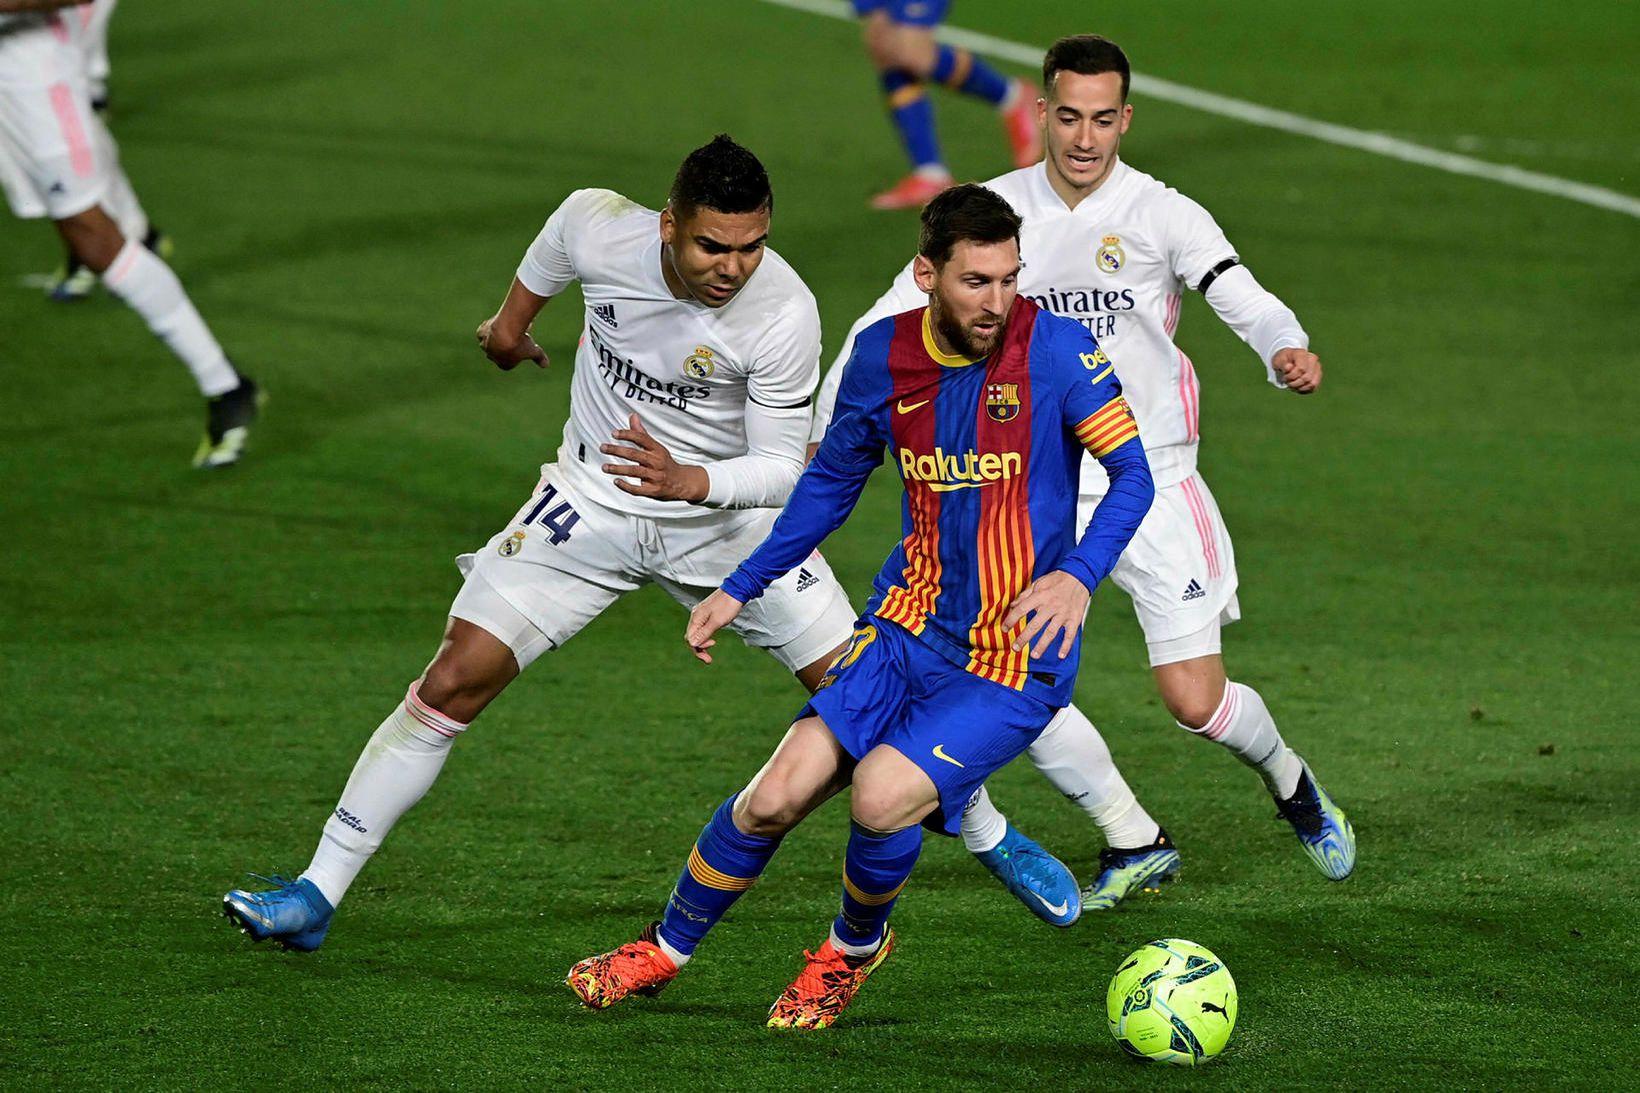 Real Madrid hafði betur, 2:1, þegar verðmætustu félög heims mættust …